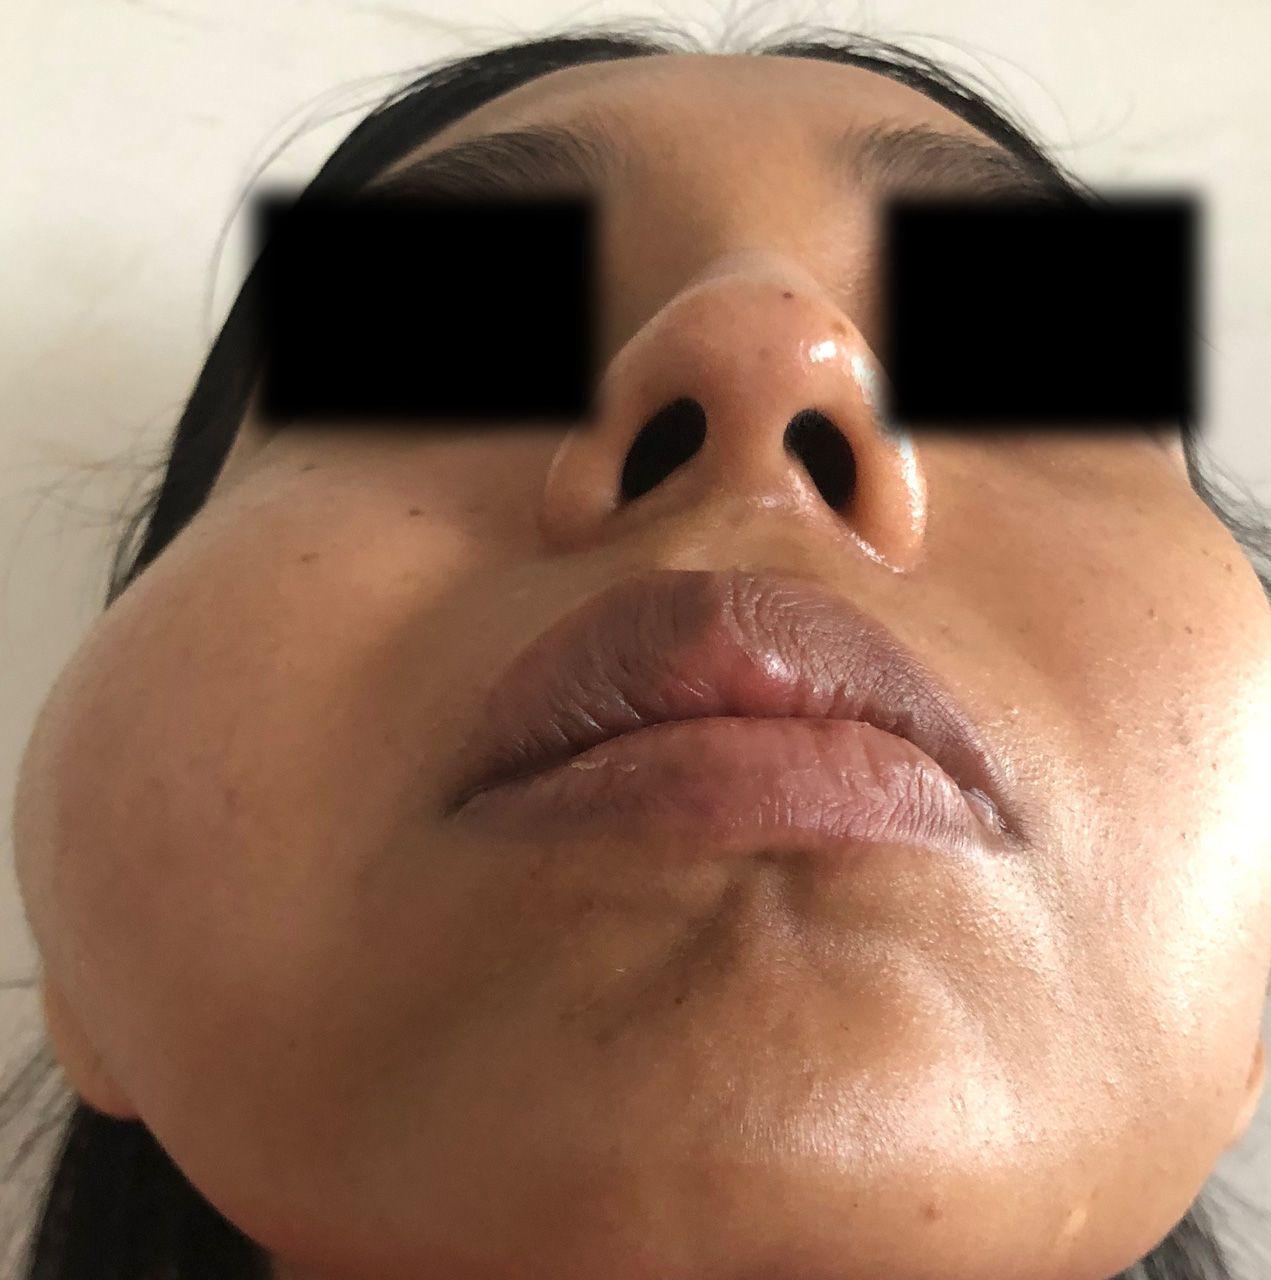 caso-clinico-bichectomia-03